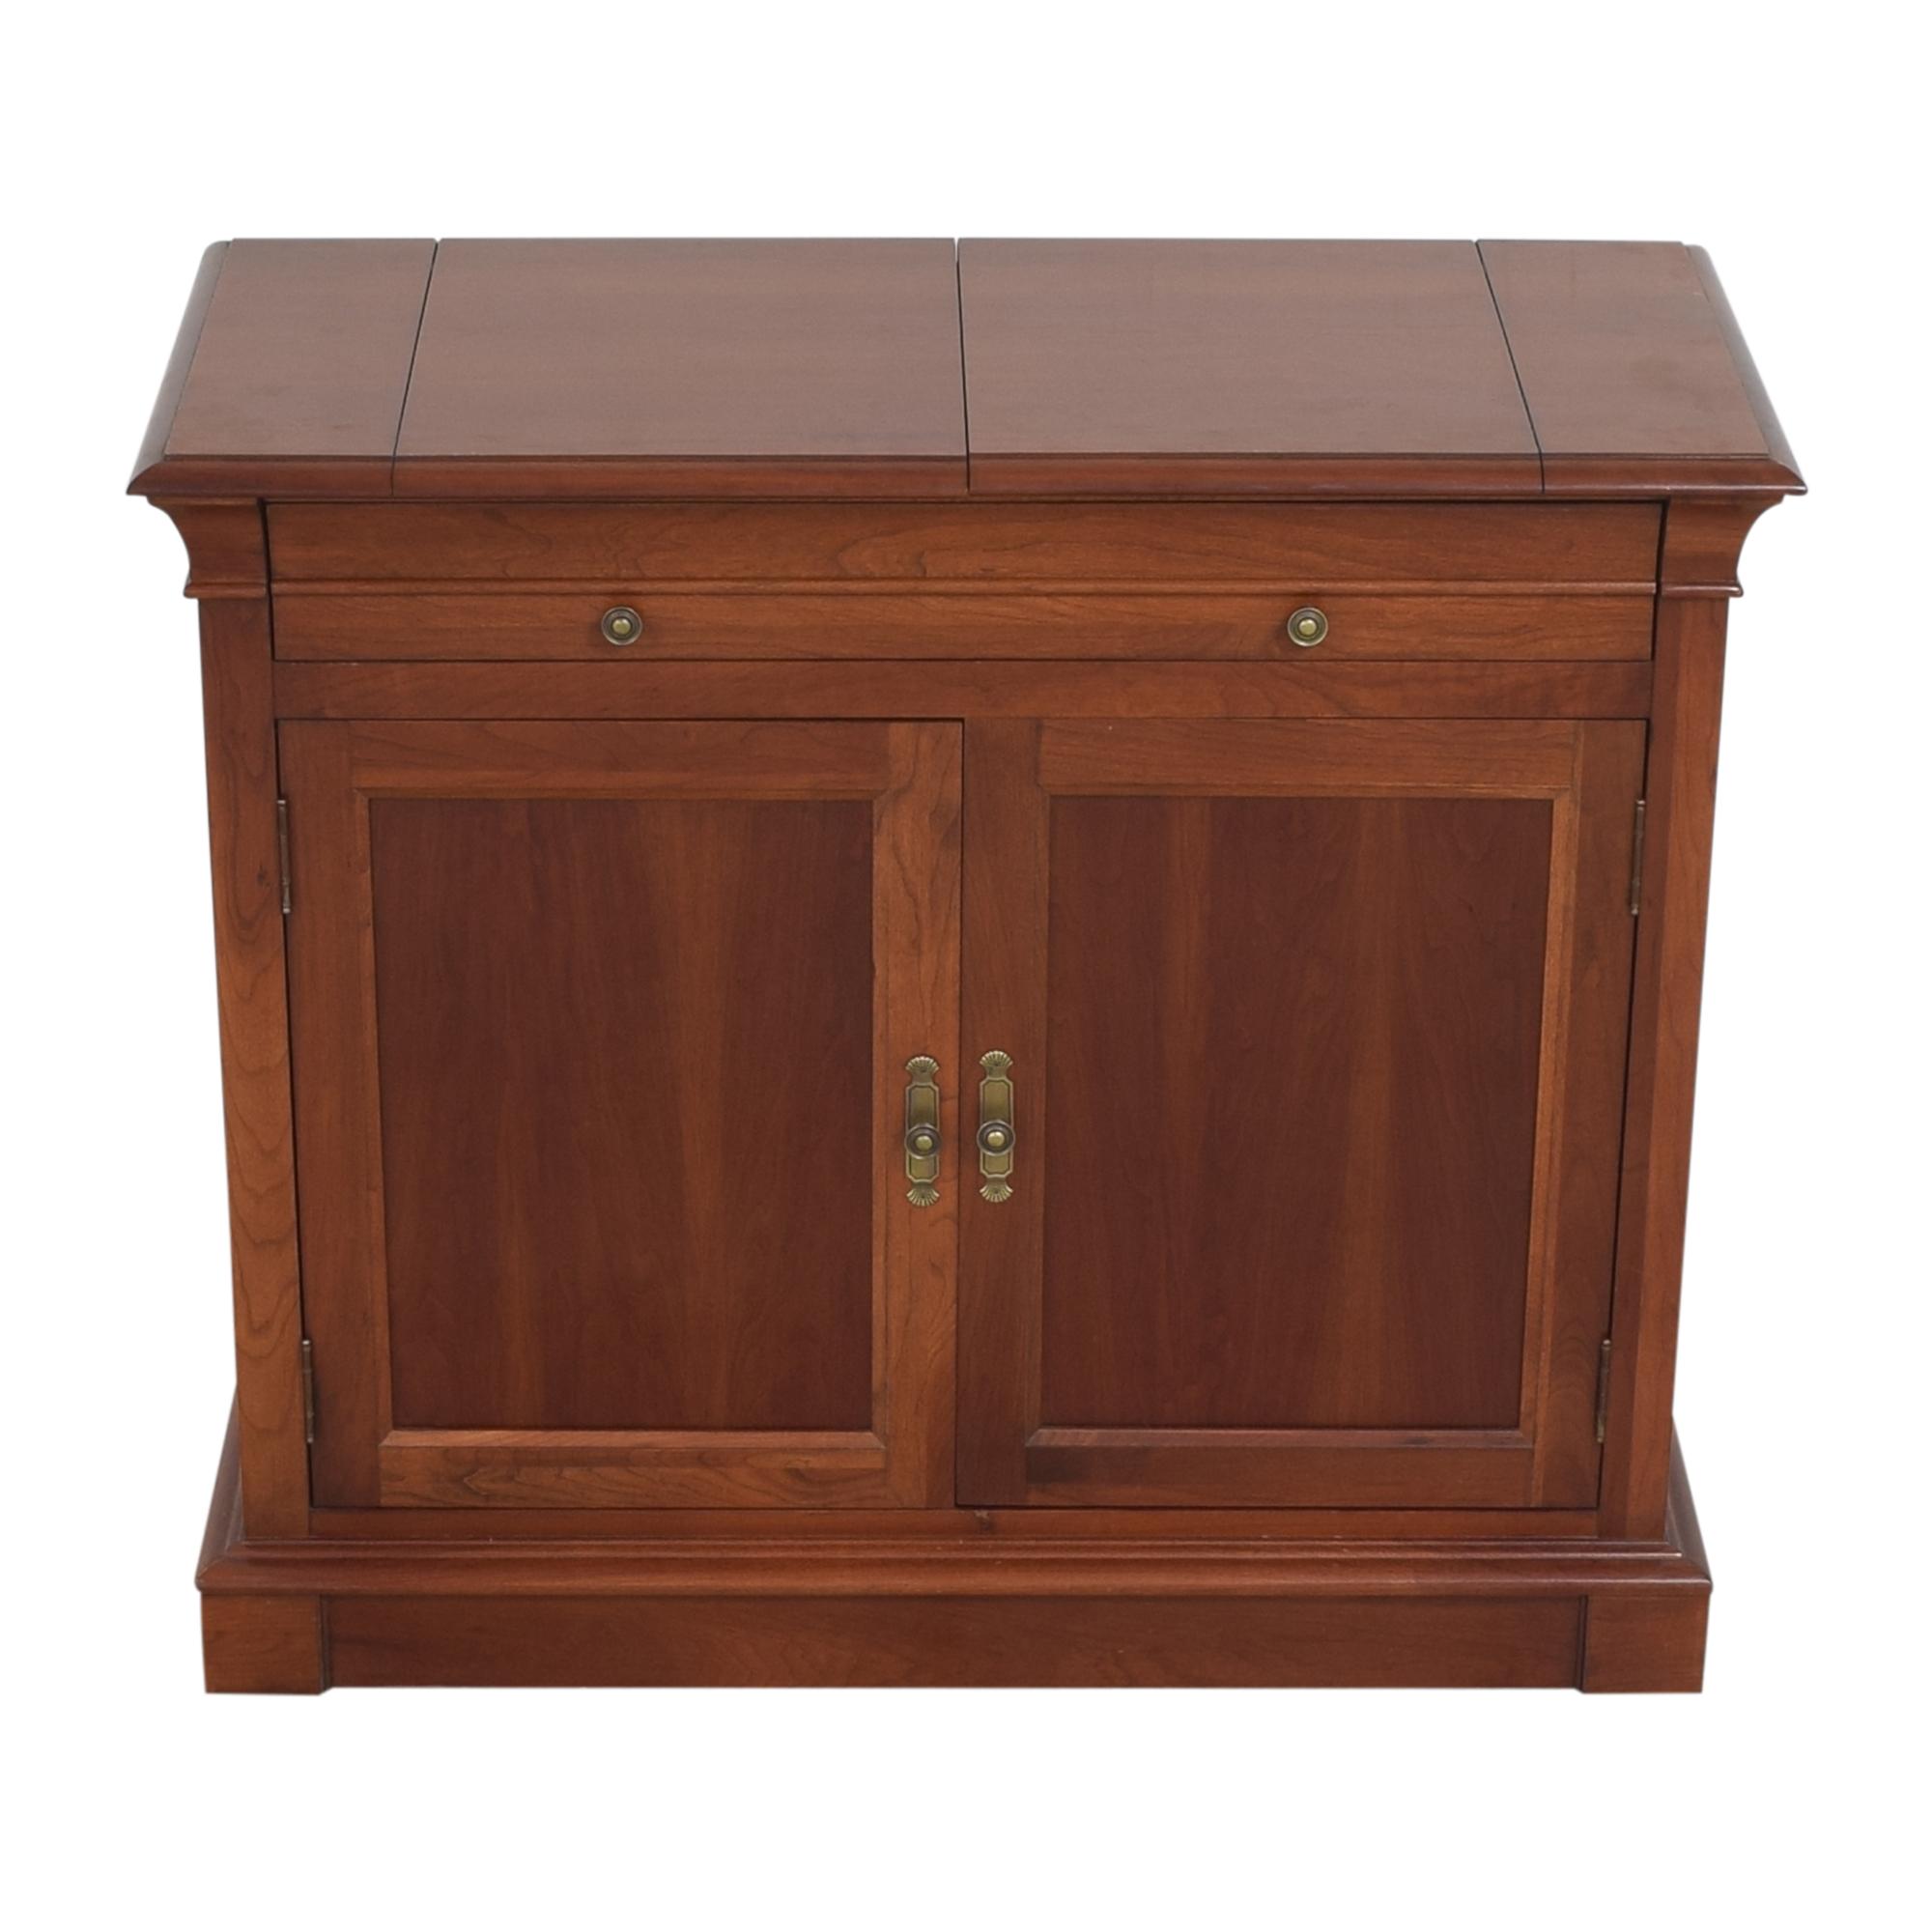 Ethan Allen Ethan Allen Medallion Flip Top Buffet Cabinet nj